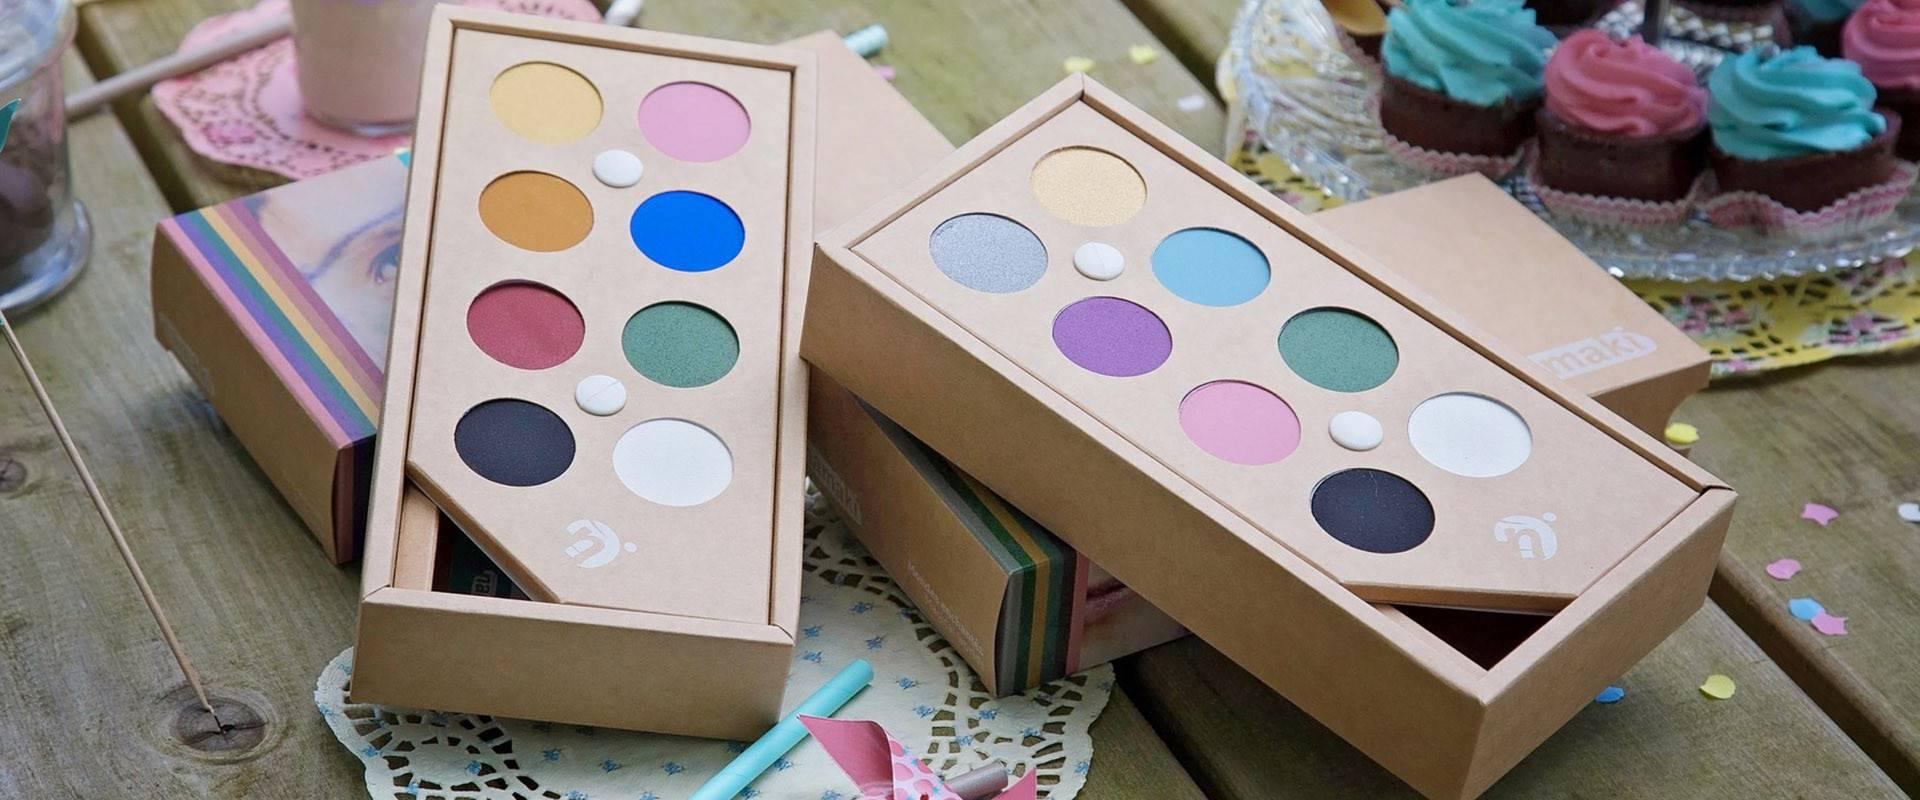 Organic makeup for kids